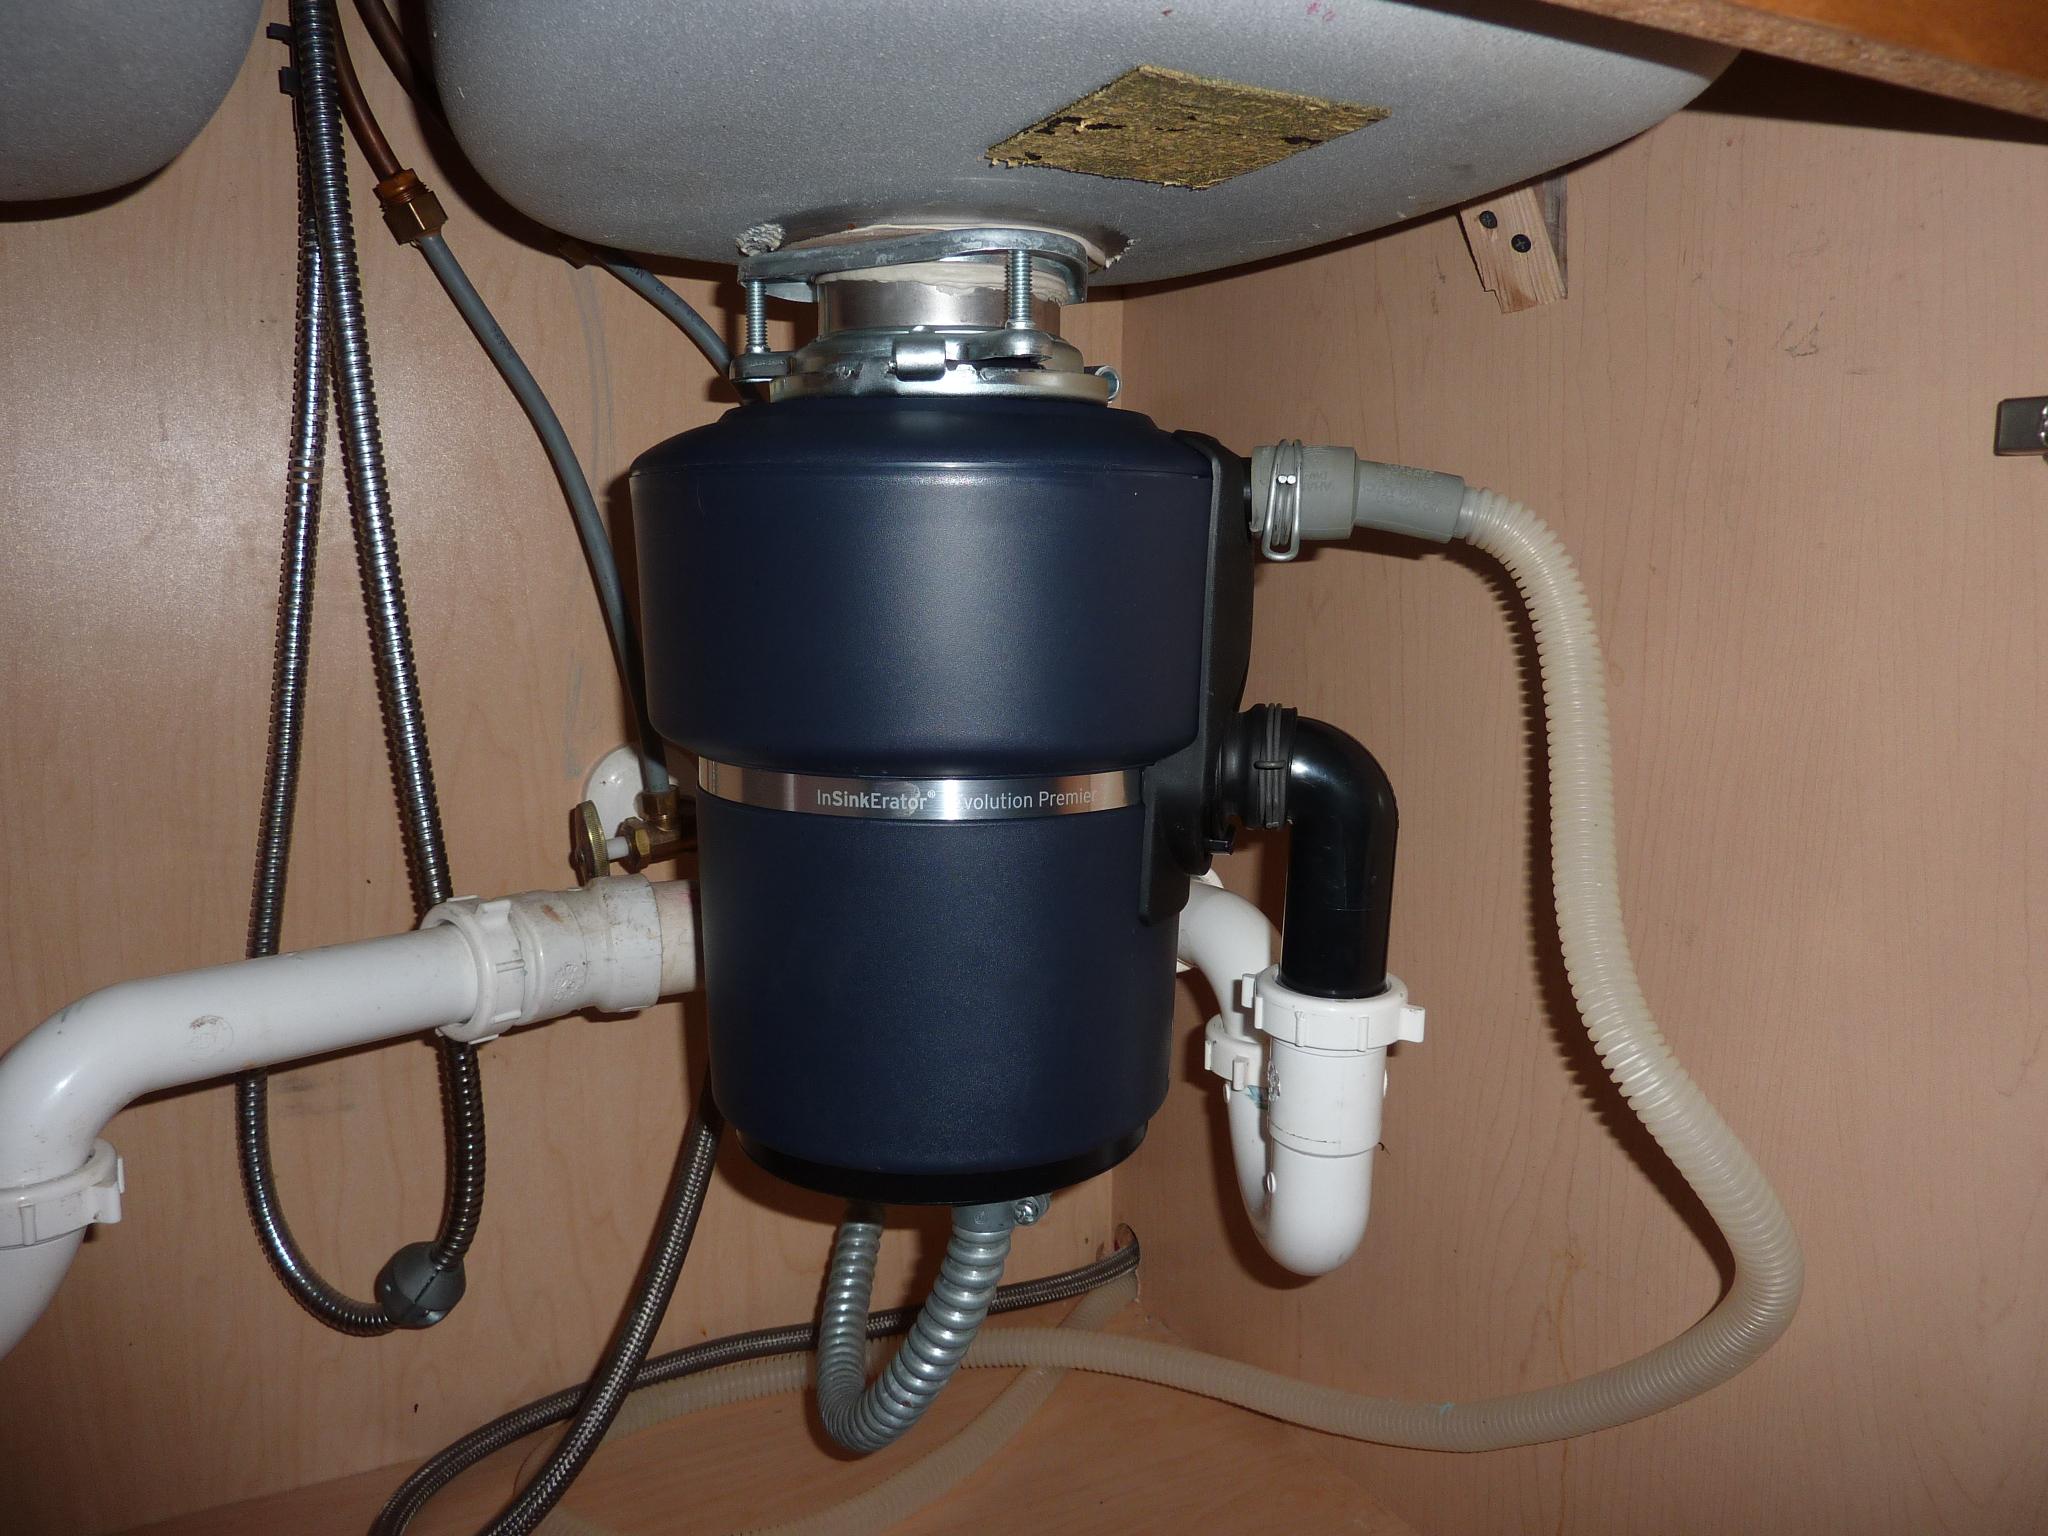 Kitchen Sink Garbage Disposal Installation - Home Design Ideas